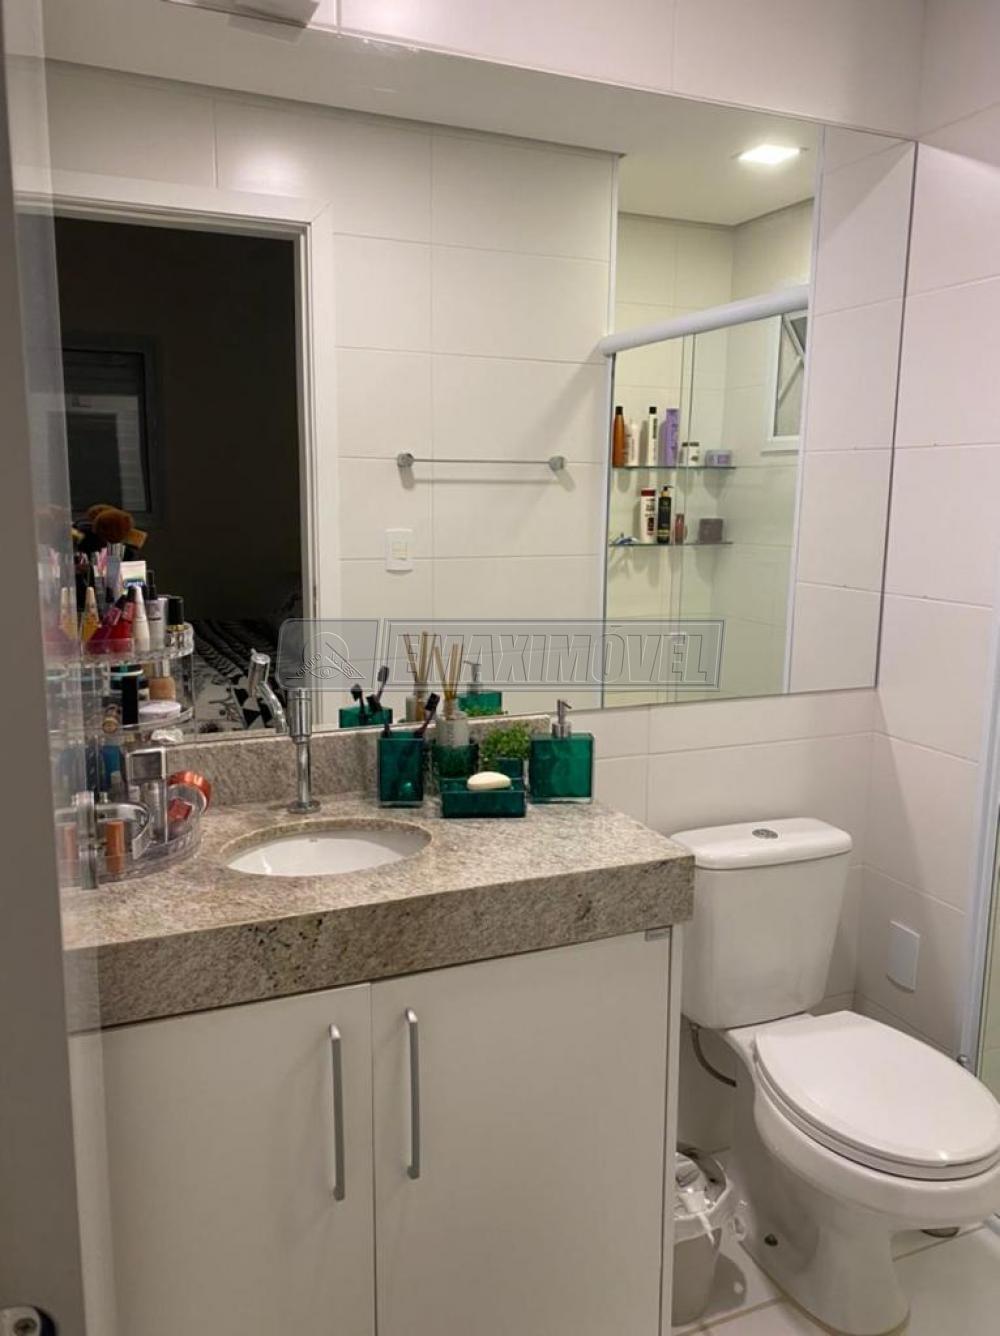 Comprar Apartamento / Padrão em Sorocaba R$ 635.000,00 - Foto 5